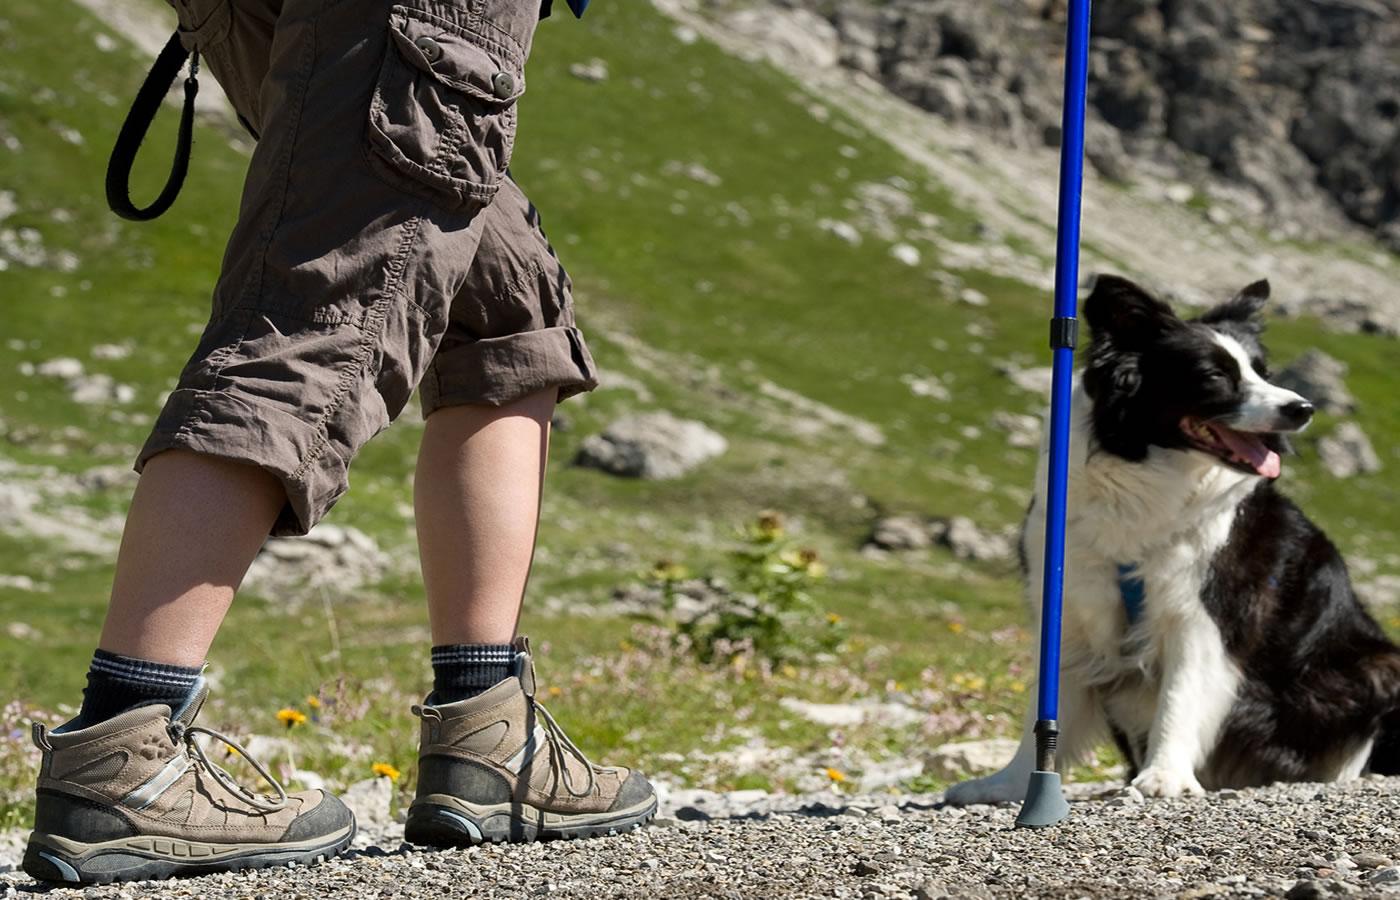 Sommer_Wander-Urlaub mit Hund in Fiss. Hotel Natürlich in Tirol.